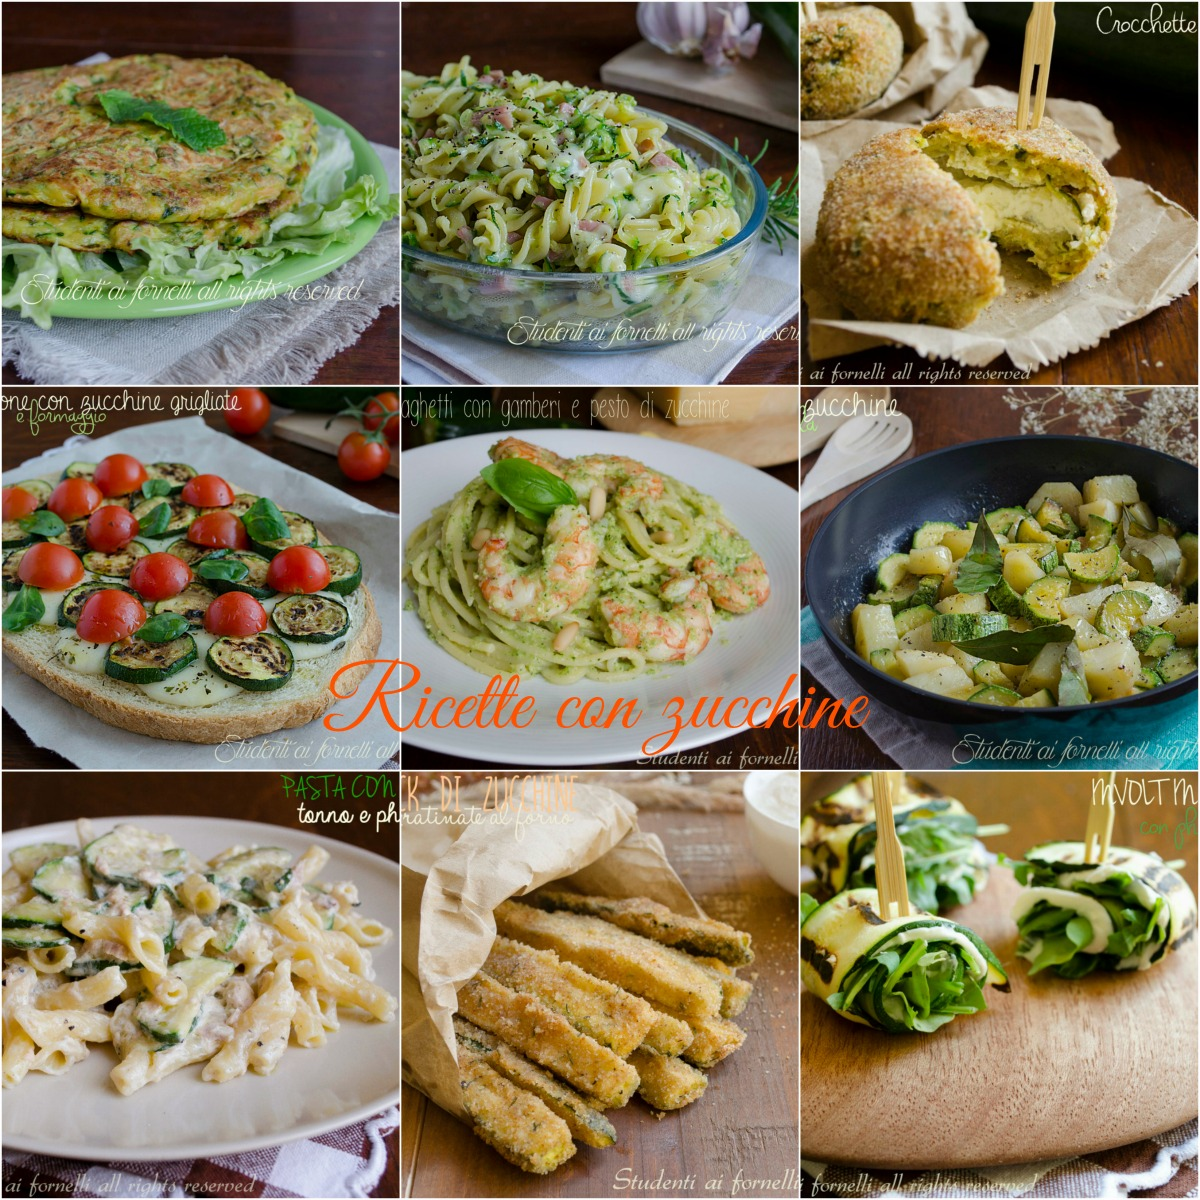 Raccolta di ricette con le zucchine ricette facili e veloci for Ricette primi piatti veloci bimby